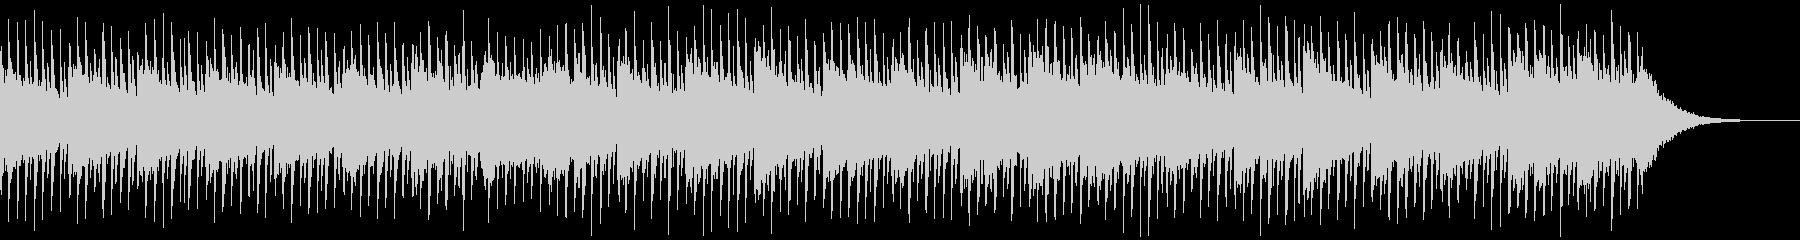 インタビューの背景(60秒)の未再生の波形